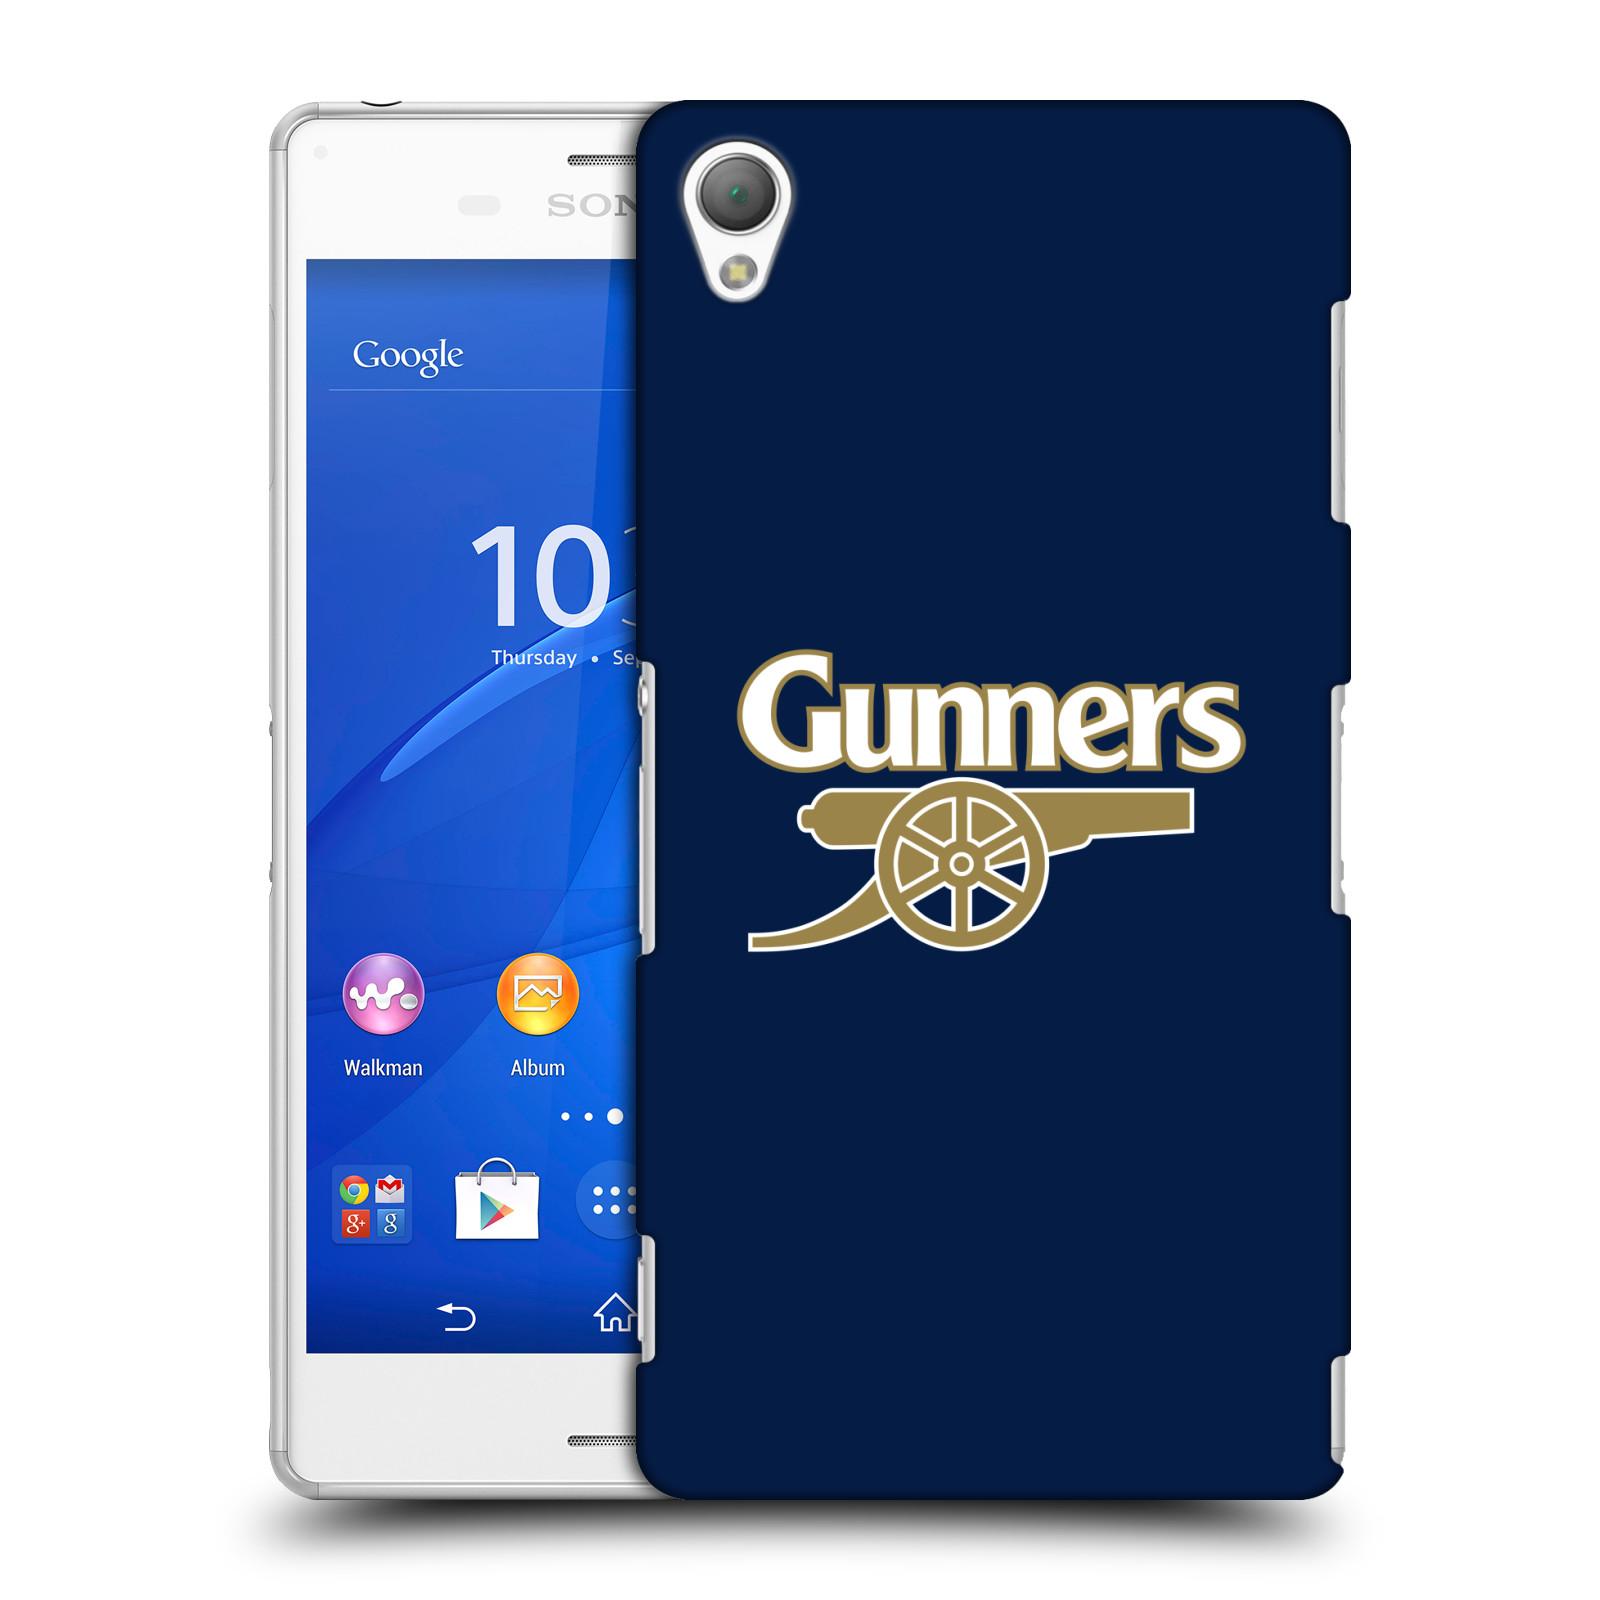 Plastové pouzdro na mobil Sony Xperia Z3 D6603 - Head Case - Arsenal FC - Gunners